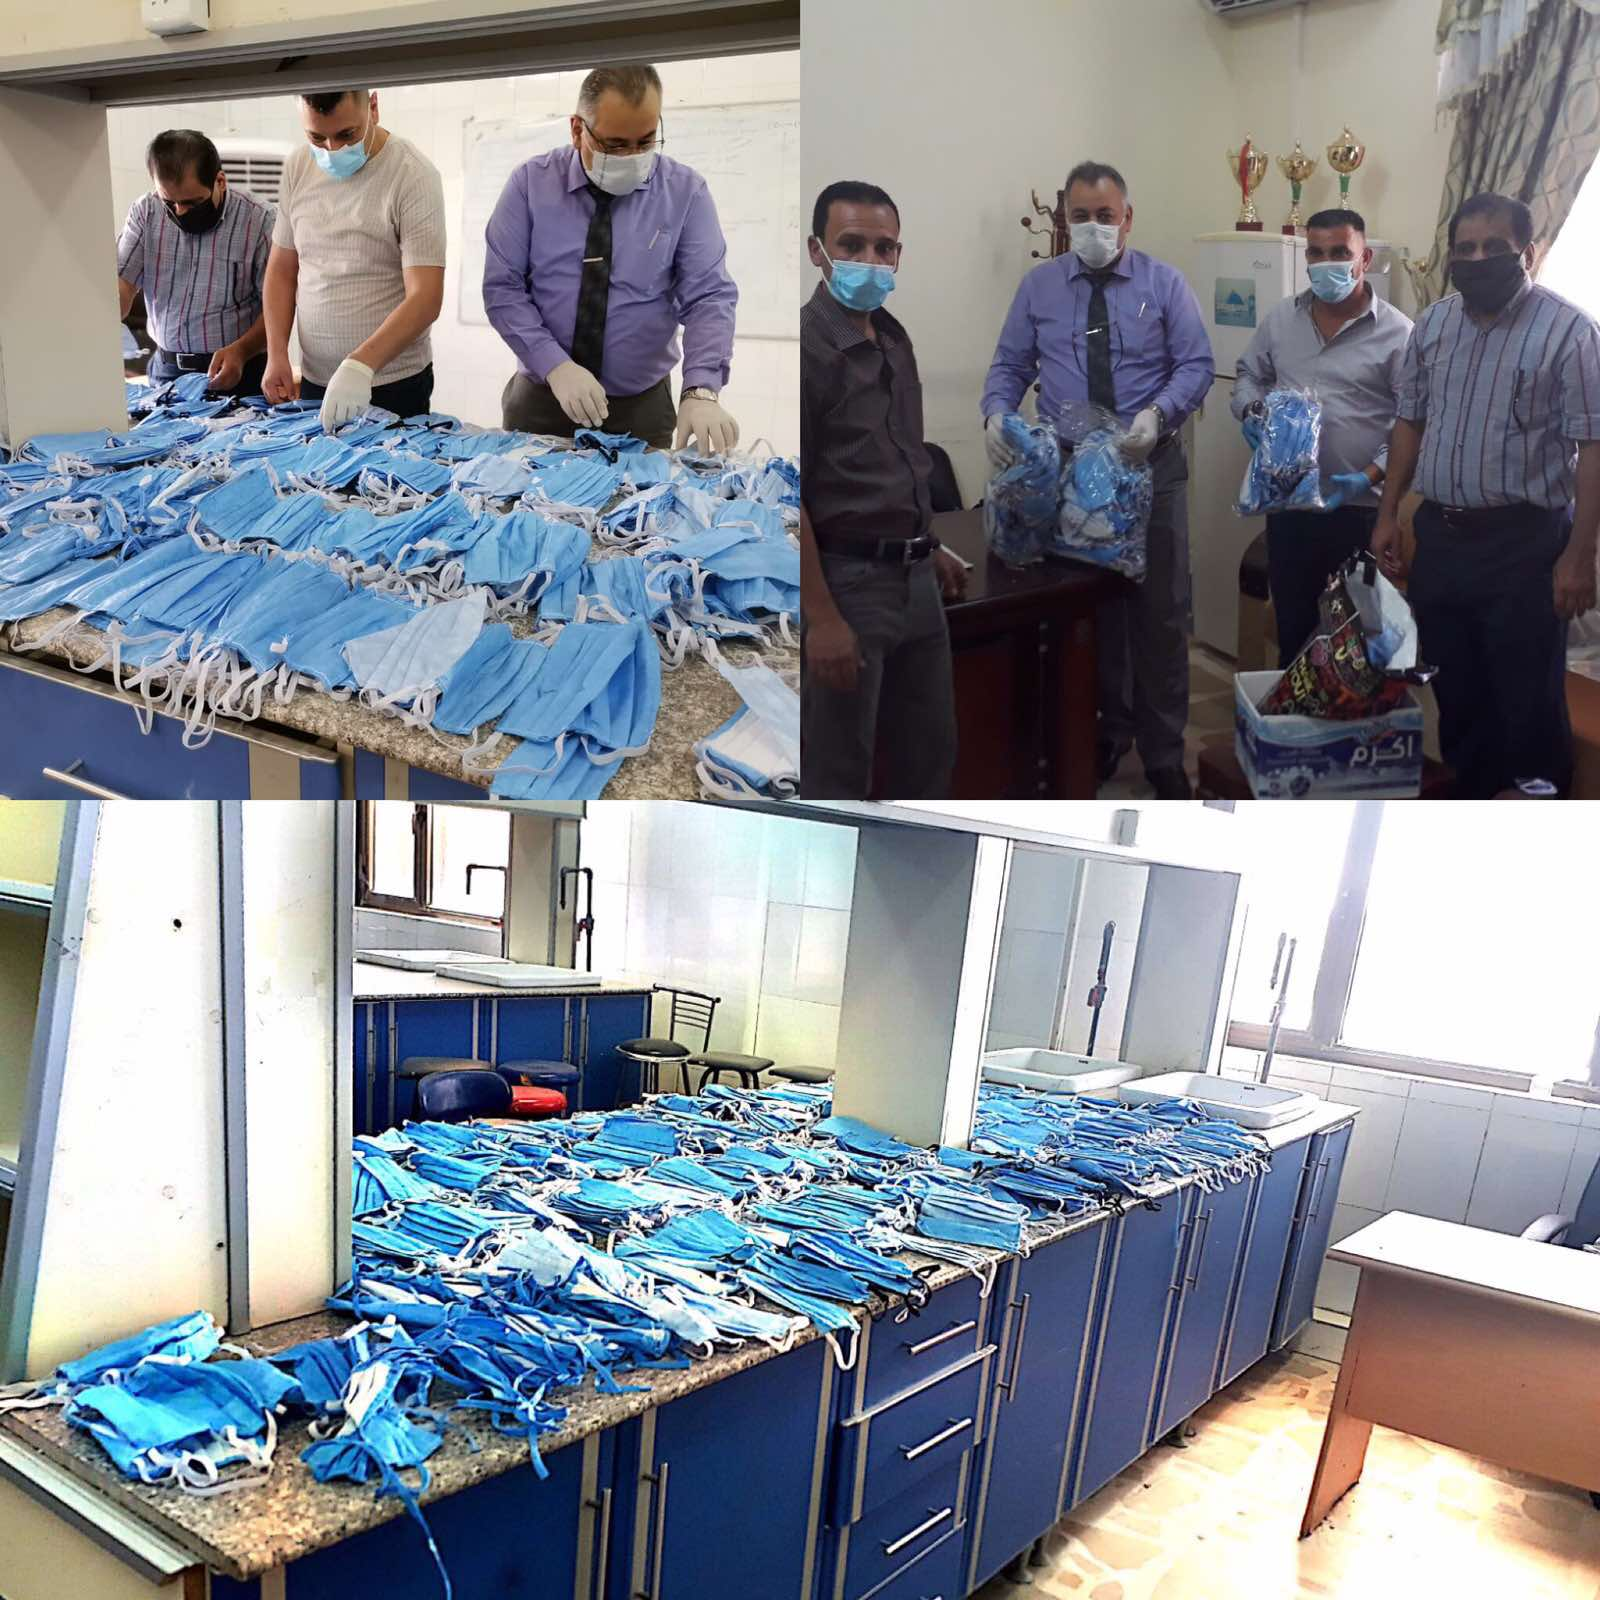 تصنيع 500 كمام : مبادرة تطوعية لطلبة كلية العلوم قسم الكيمياء للحد من انتشار COVID-19